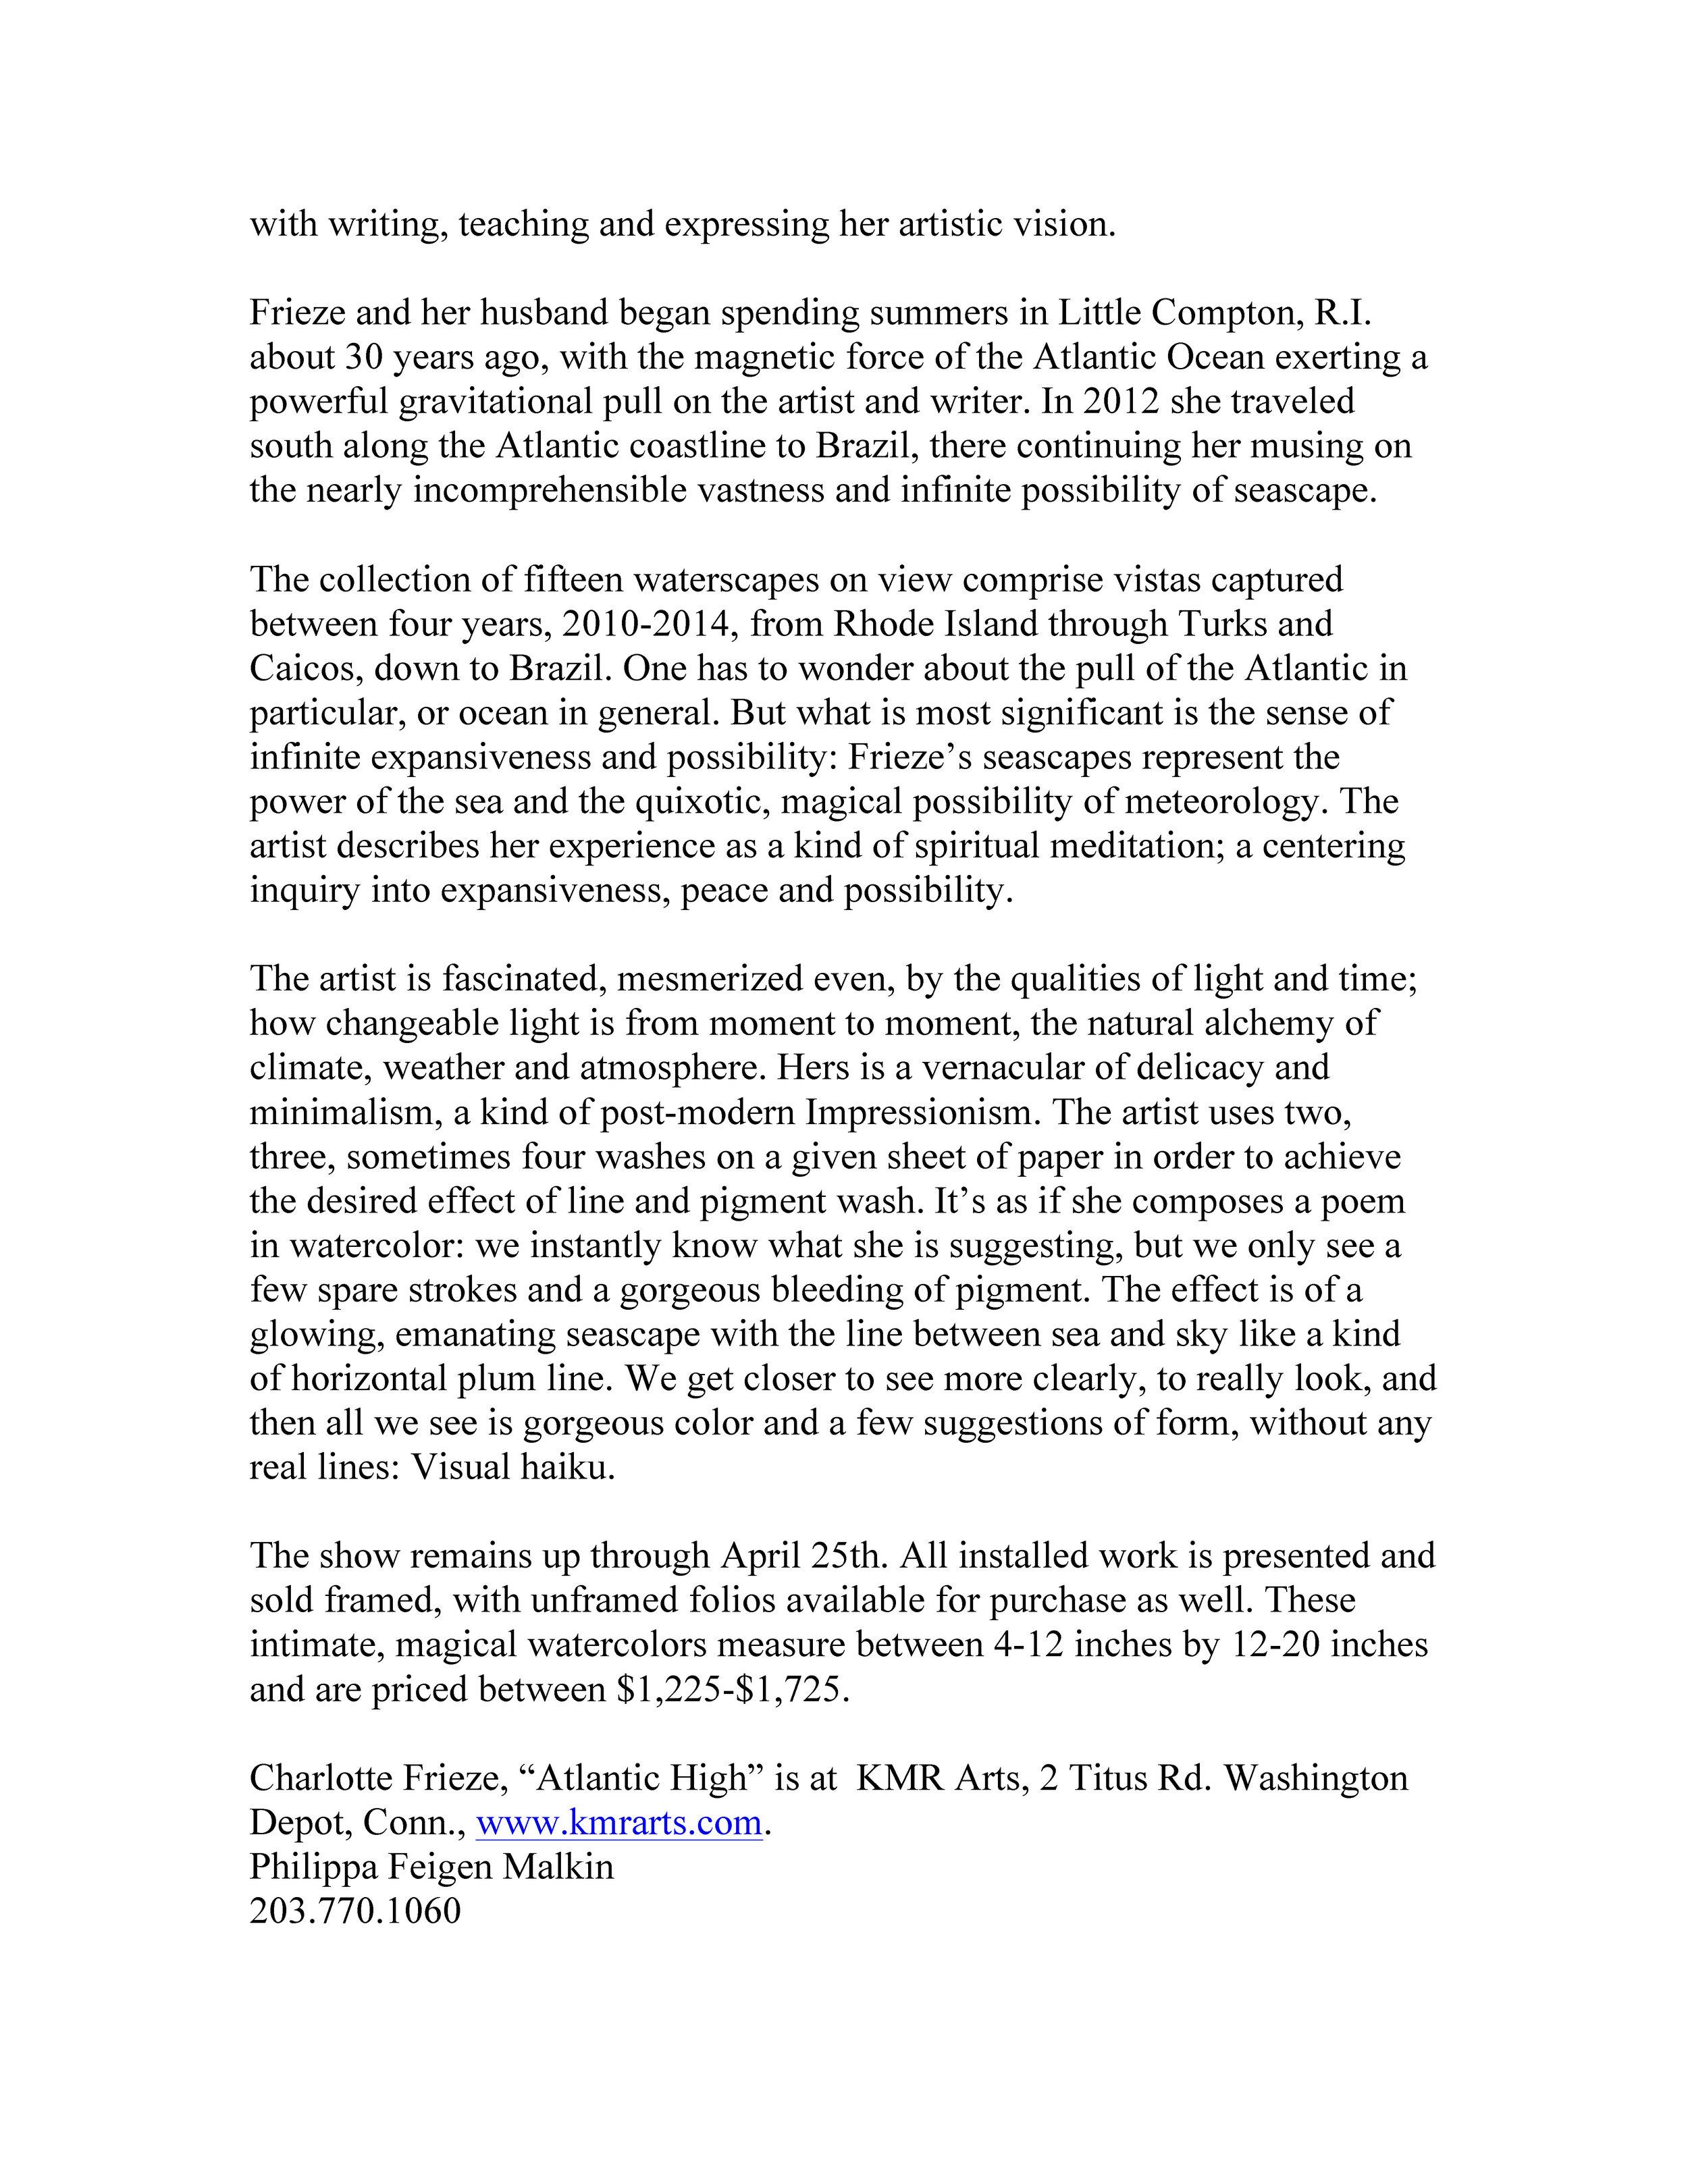 CHARLOTTE FRIEZE @ KMR Arts - Lakeville Journal - Review by Philippa Feigen-Malkin - 2019-04-10_Page_2.jpg